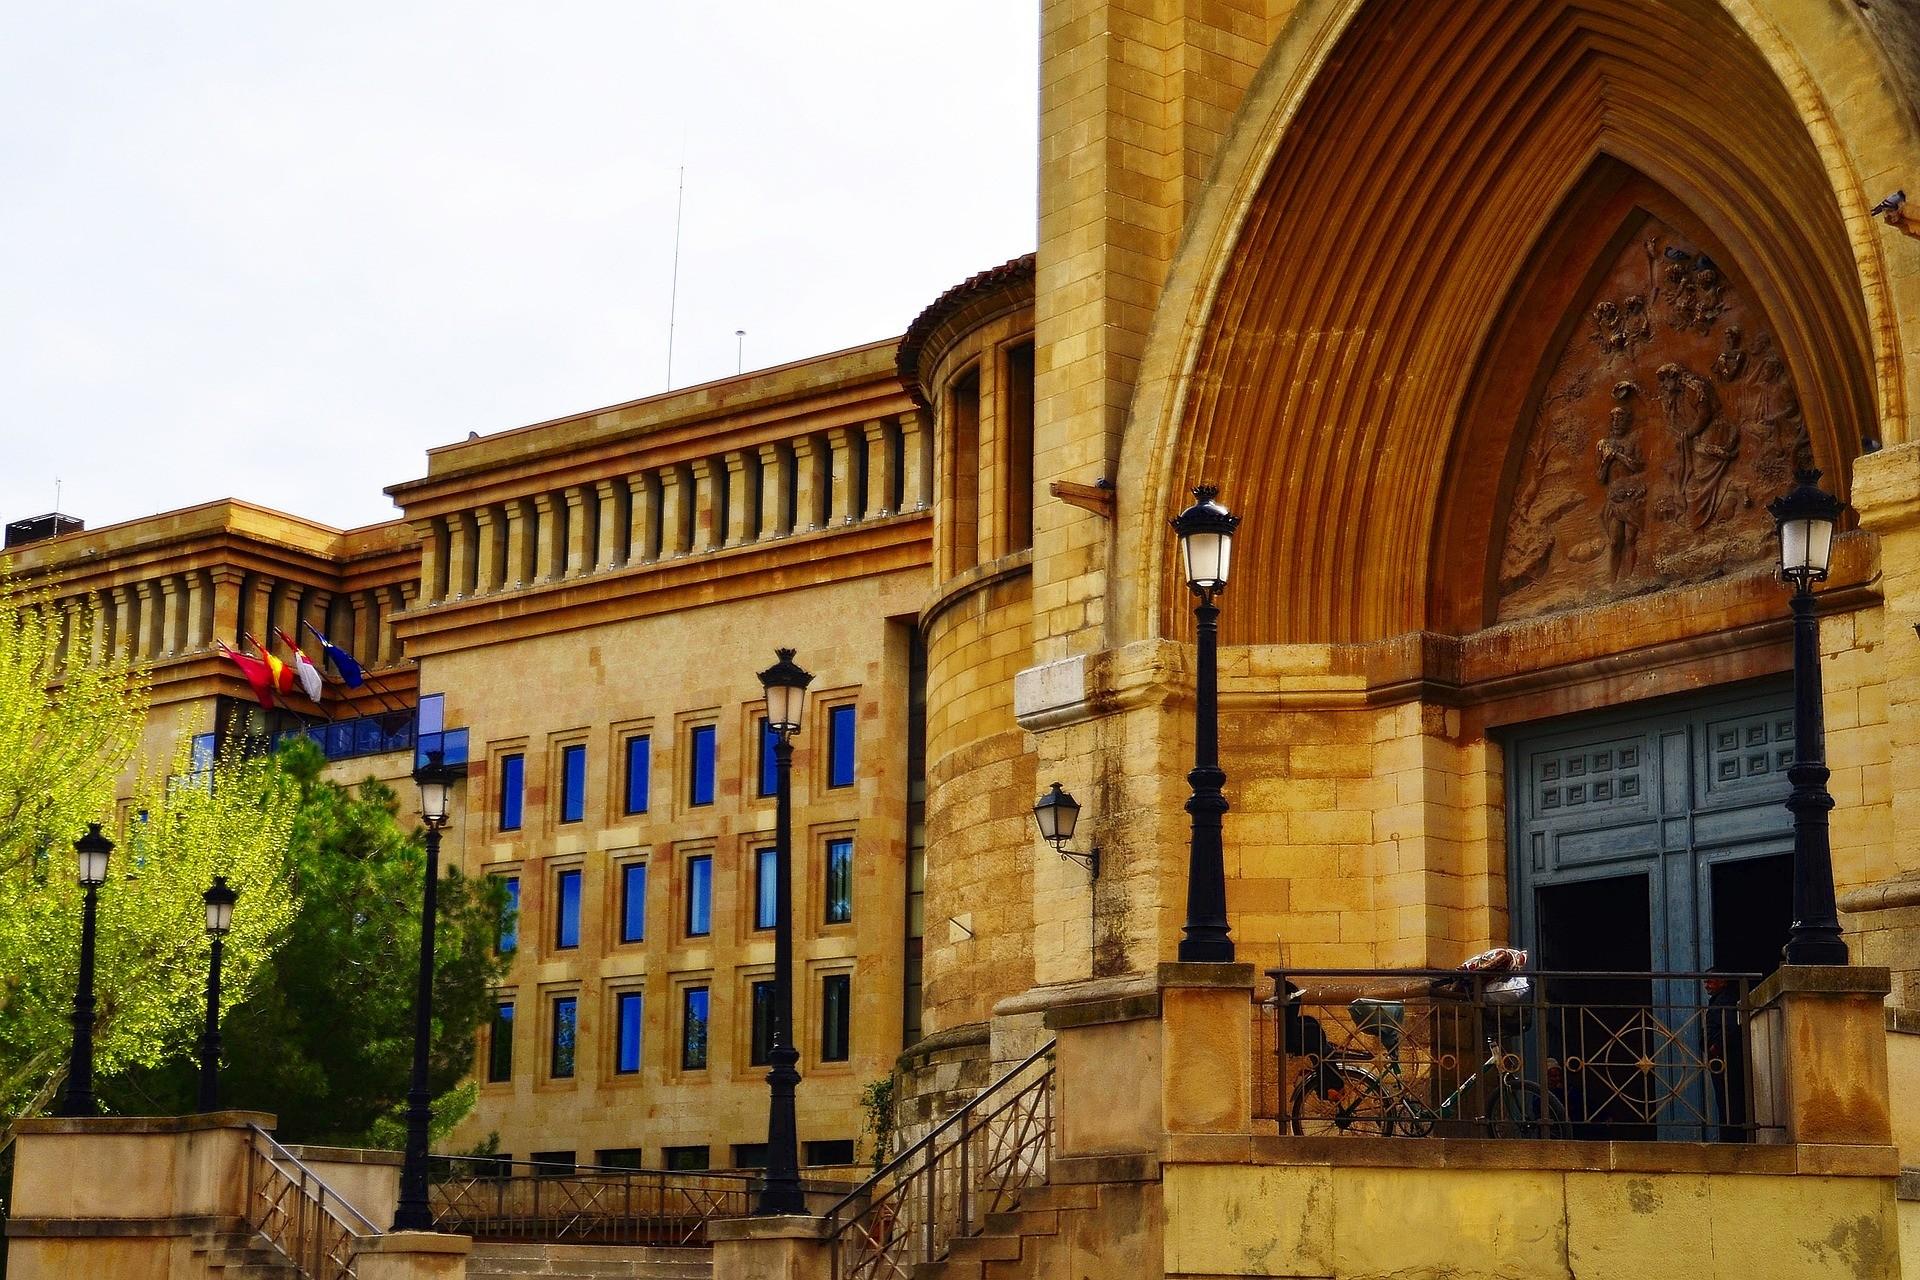 Cattedrale e Municipio ad Albacete, Spagna - Foto di Jose Maria Mondejar Martinez